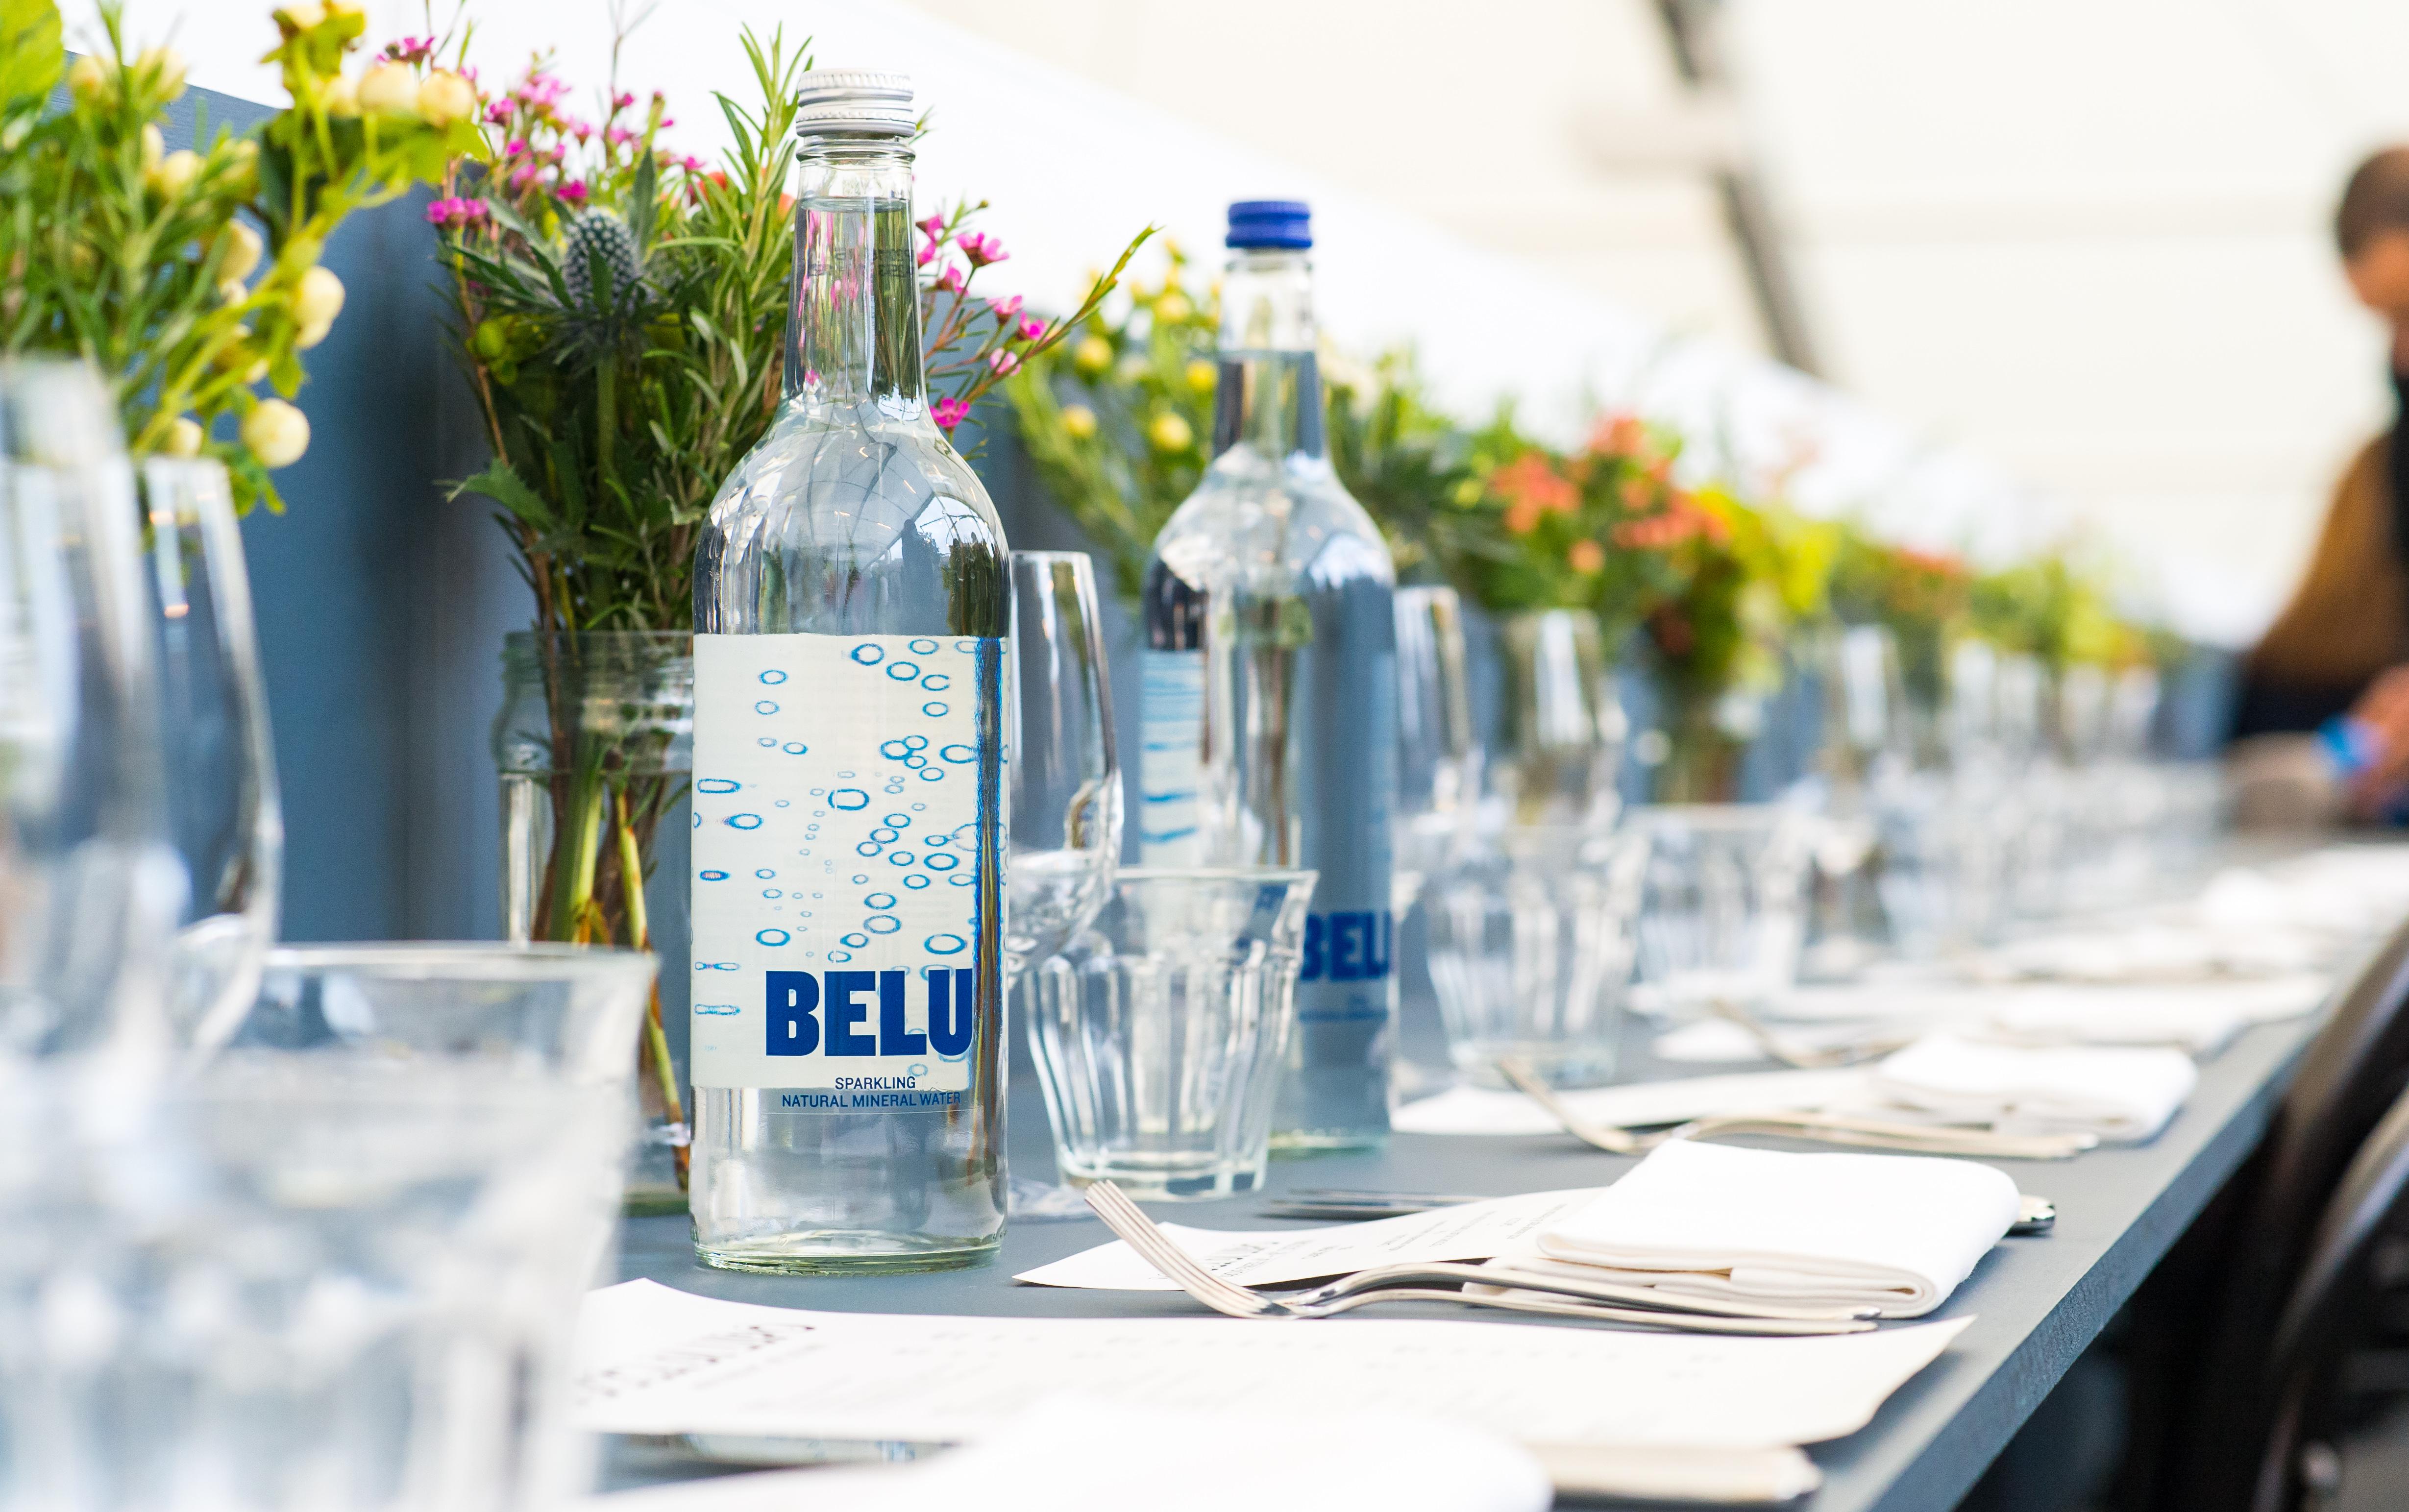 Belu mineral water event